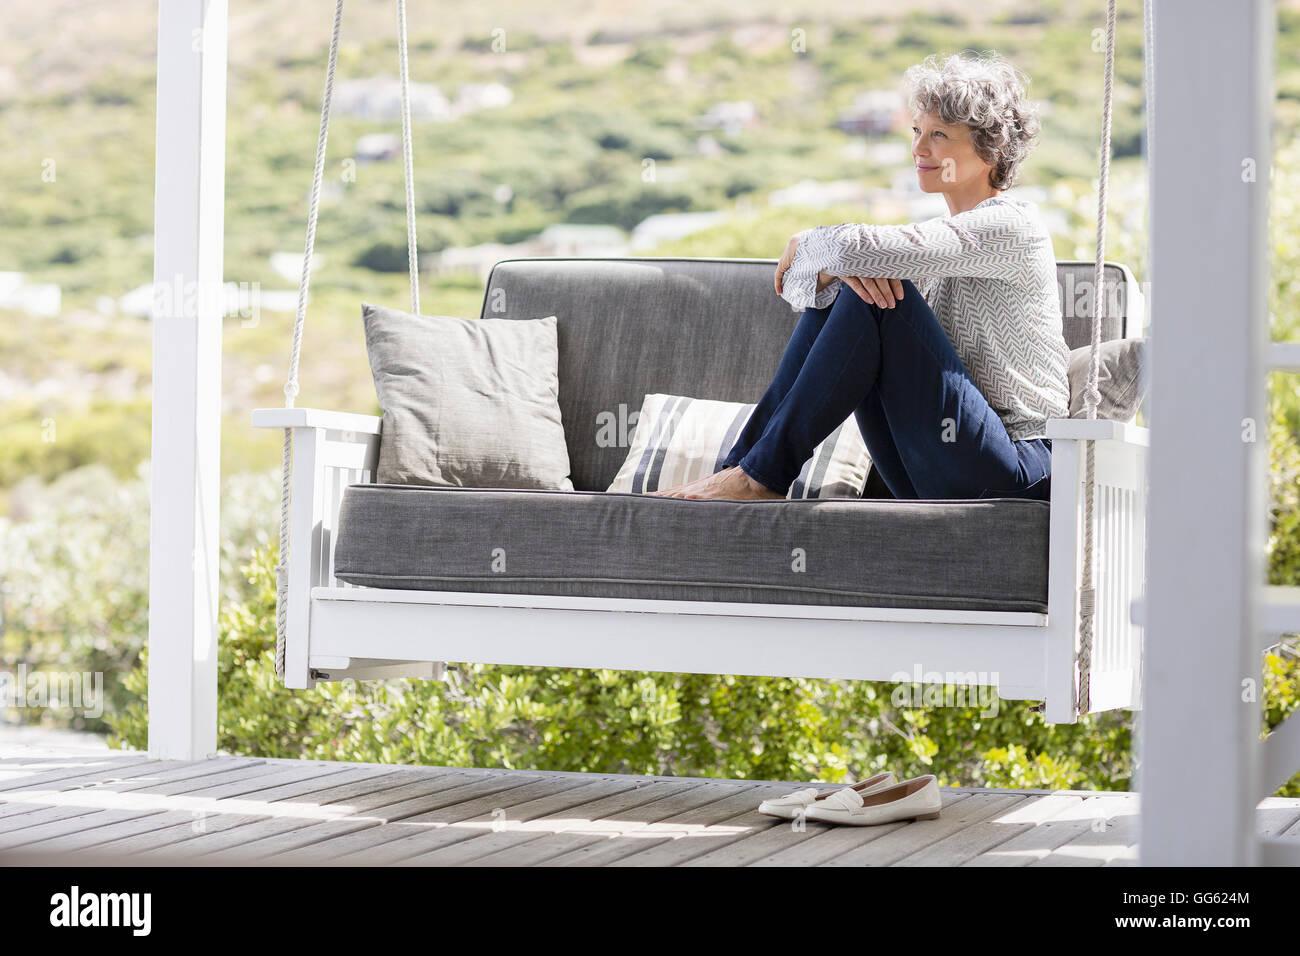 Coppia donna seduta su una oscillazione in un portico Foto Stock